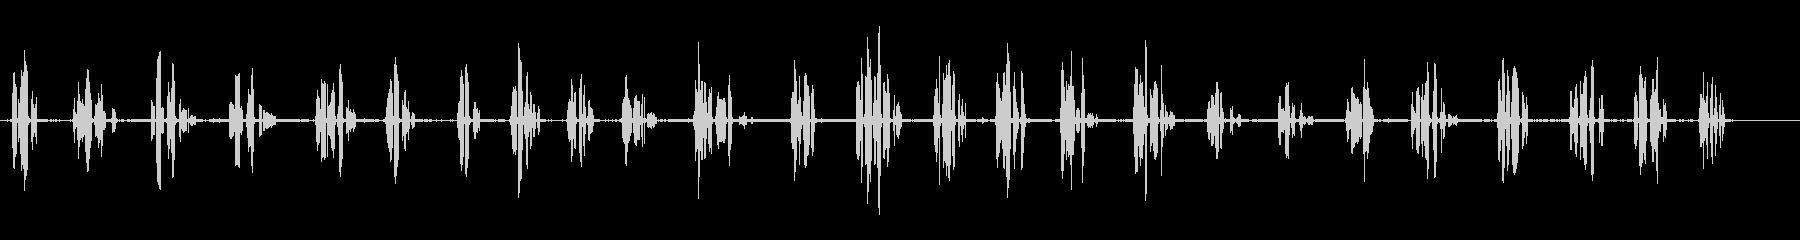 クロウタドリ-近く-鳥の未再生の波形